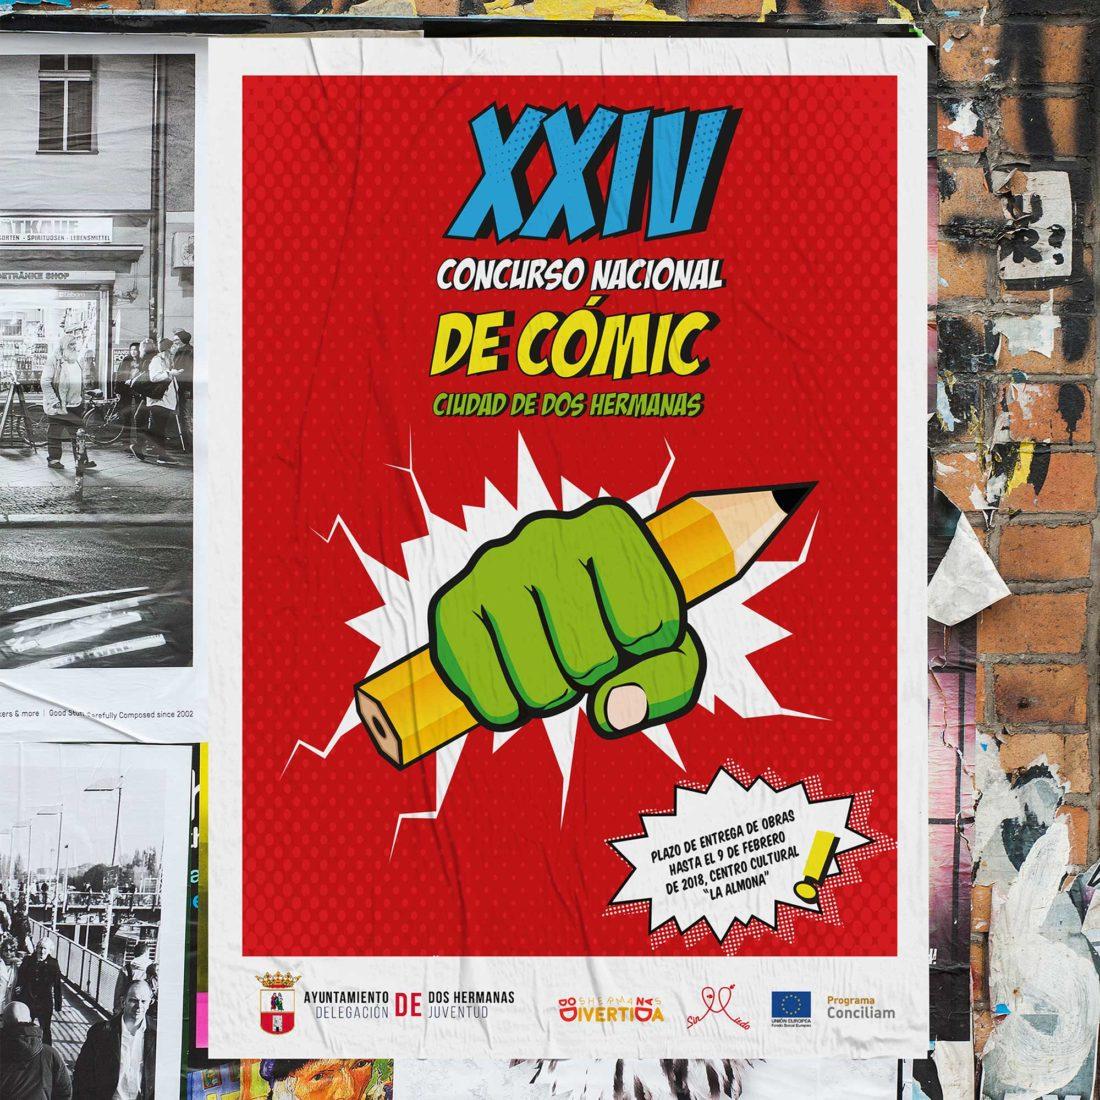 Diseño de carteles en Sevilla, Ayuntamiento de Dos Hermanas